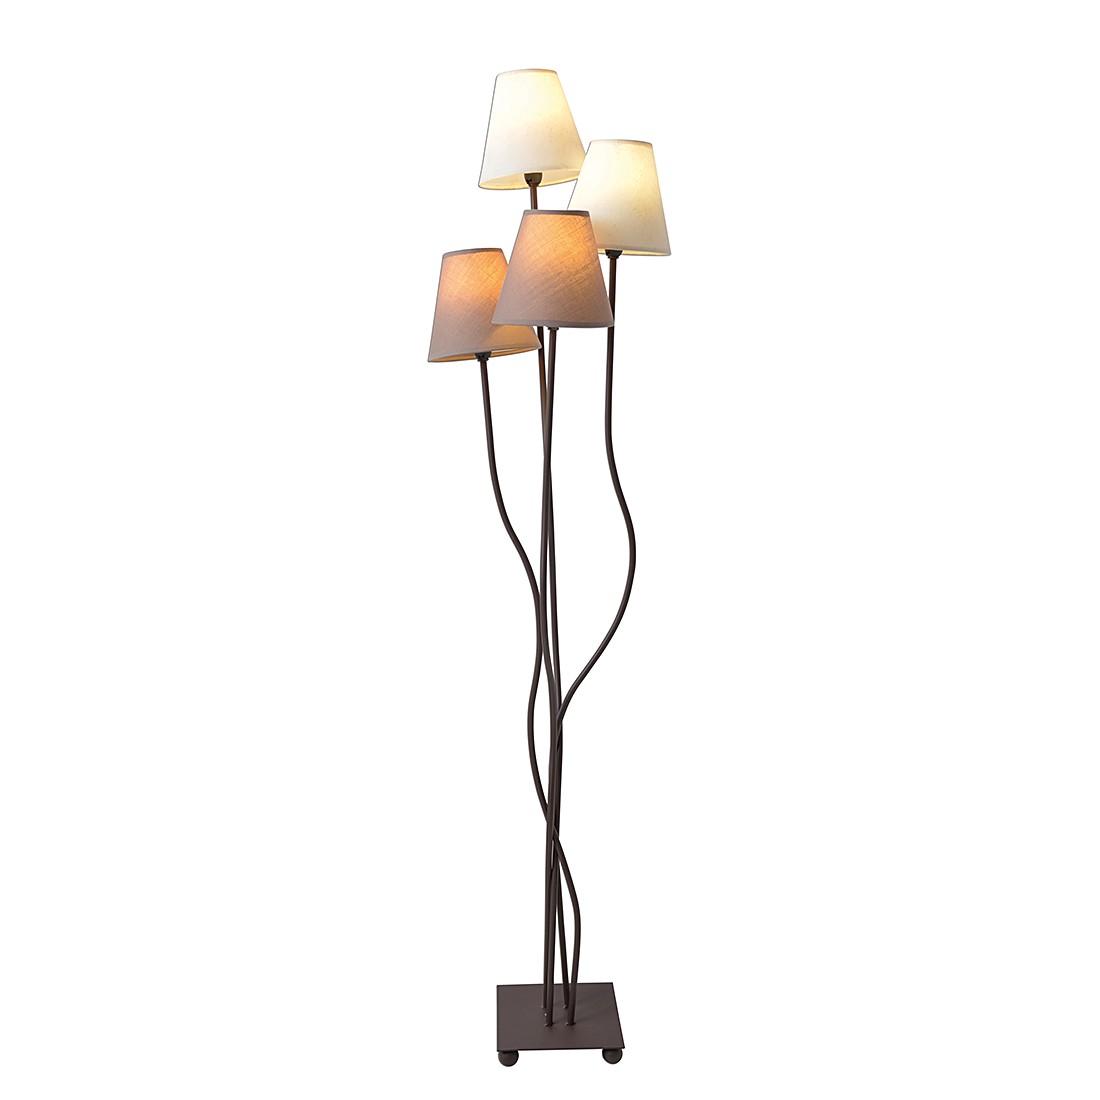 EEK A++, Lampadaire - Textile / Métal 4 ampoules, Näve